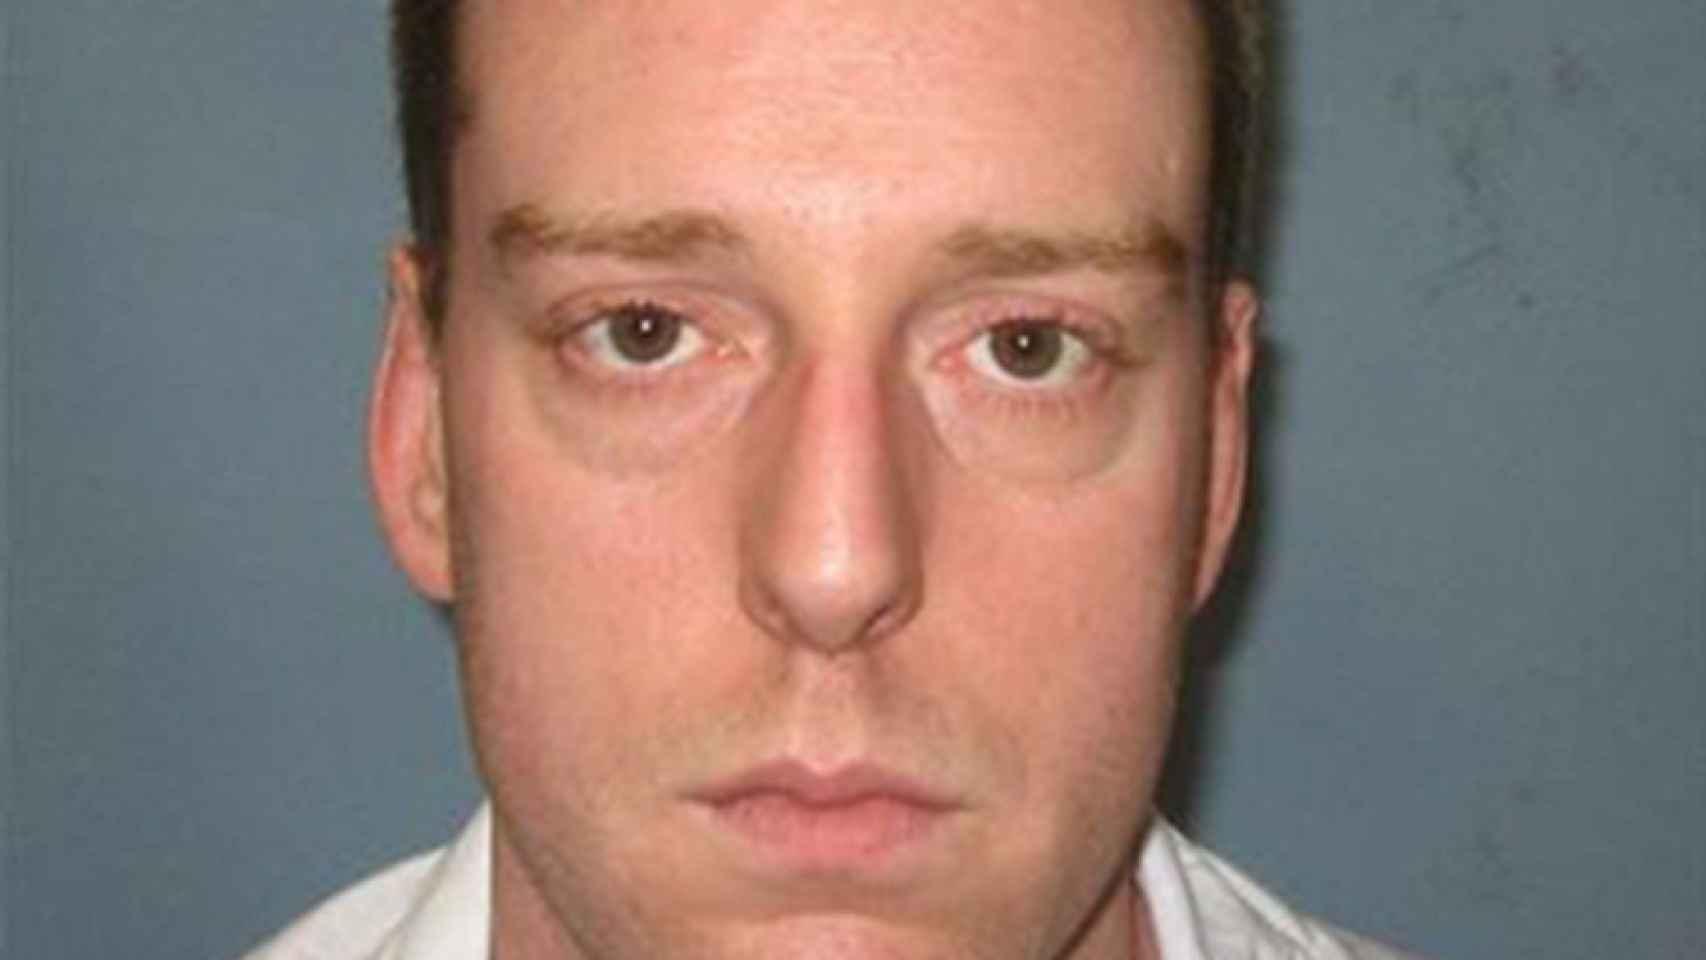 Ronald Bert Smith murió ejecutado en Alabama tras distintas suspensiones de la condena.